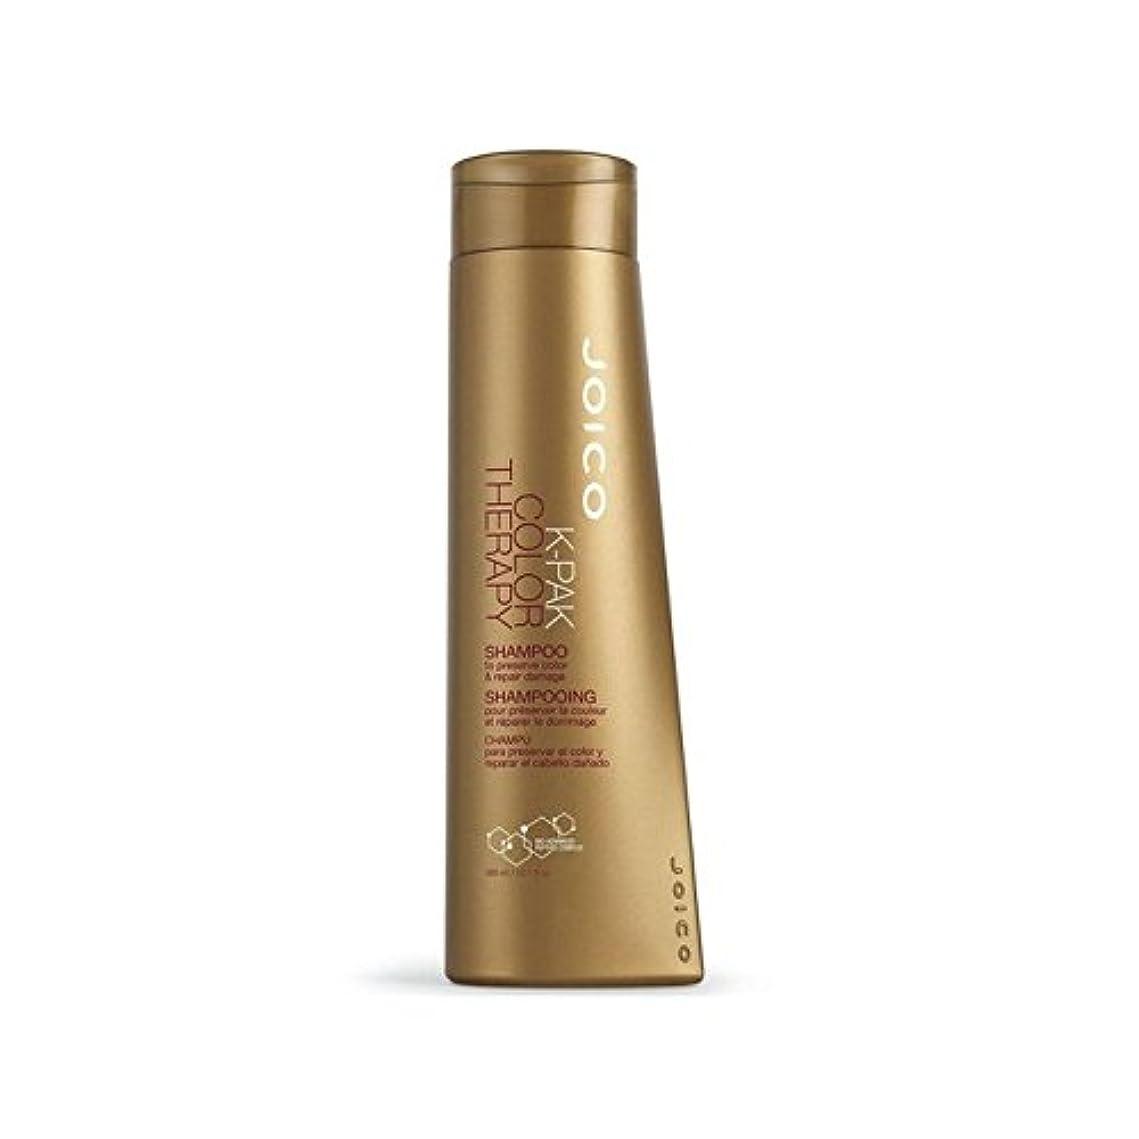 驚いた珍味何十人もJoico K-Pak Color Therapy Shampoo 300ml (Pack of 6) - ジョイコ-カラーセラピーシャンプー300ミリリットル x6 [並行輸入品]